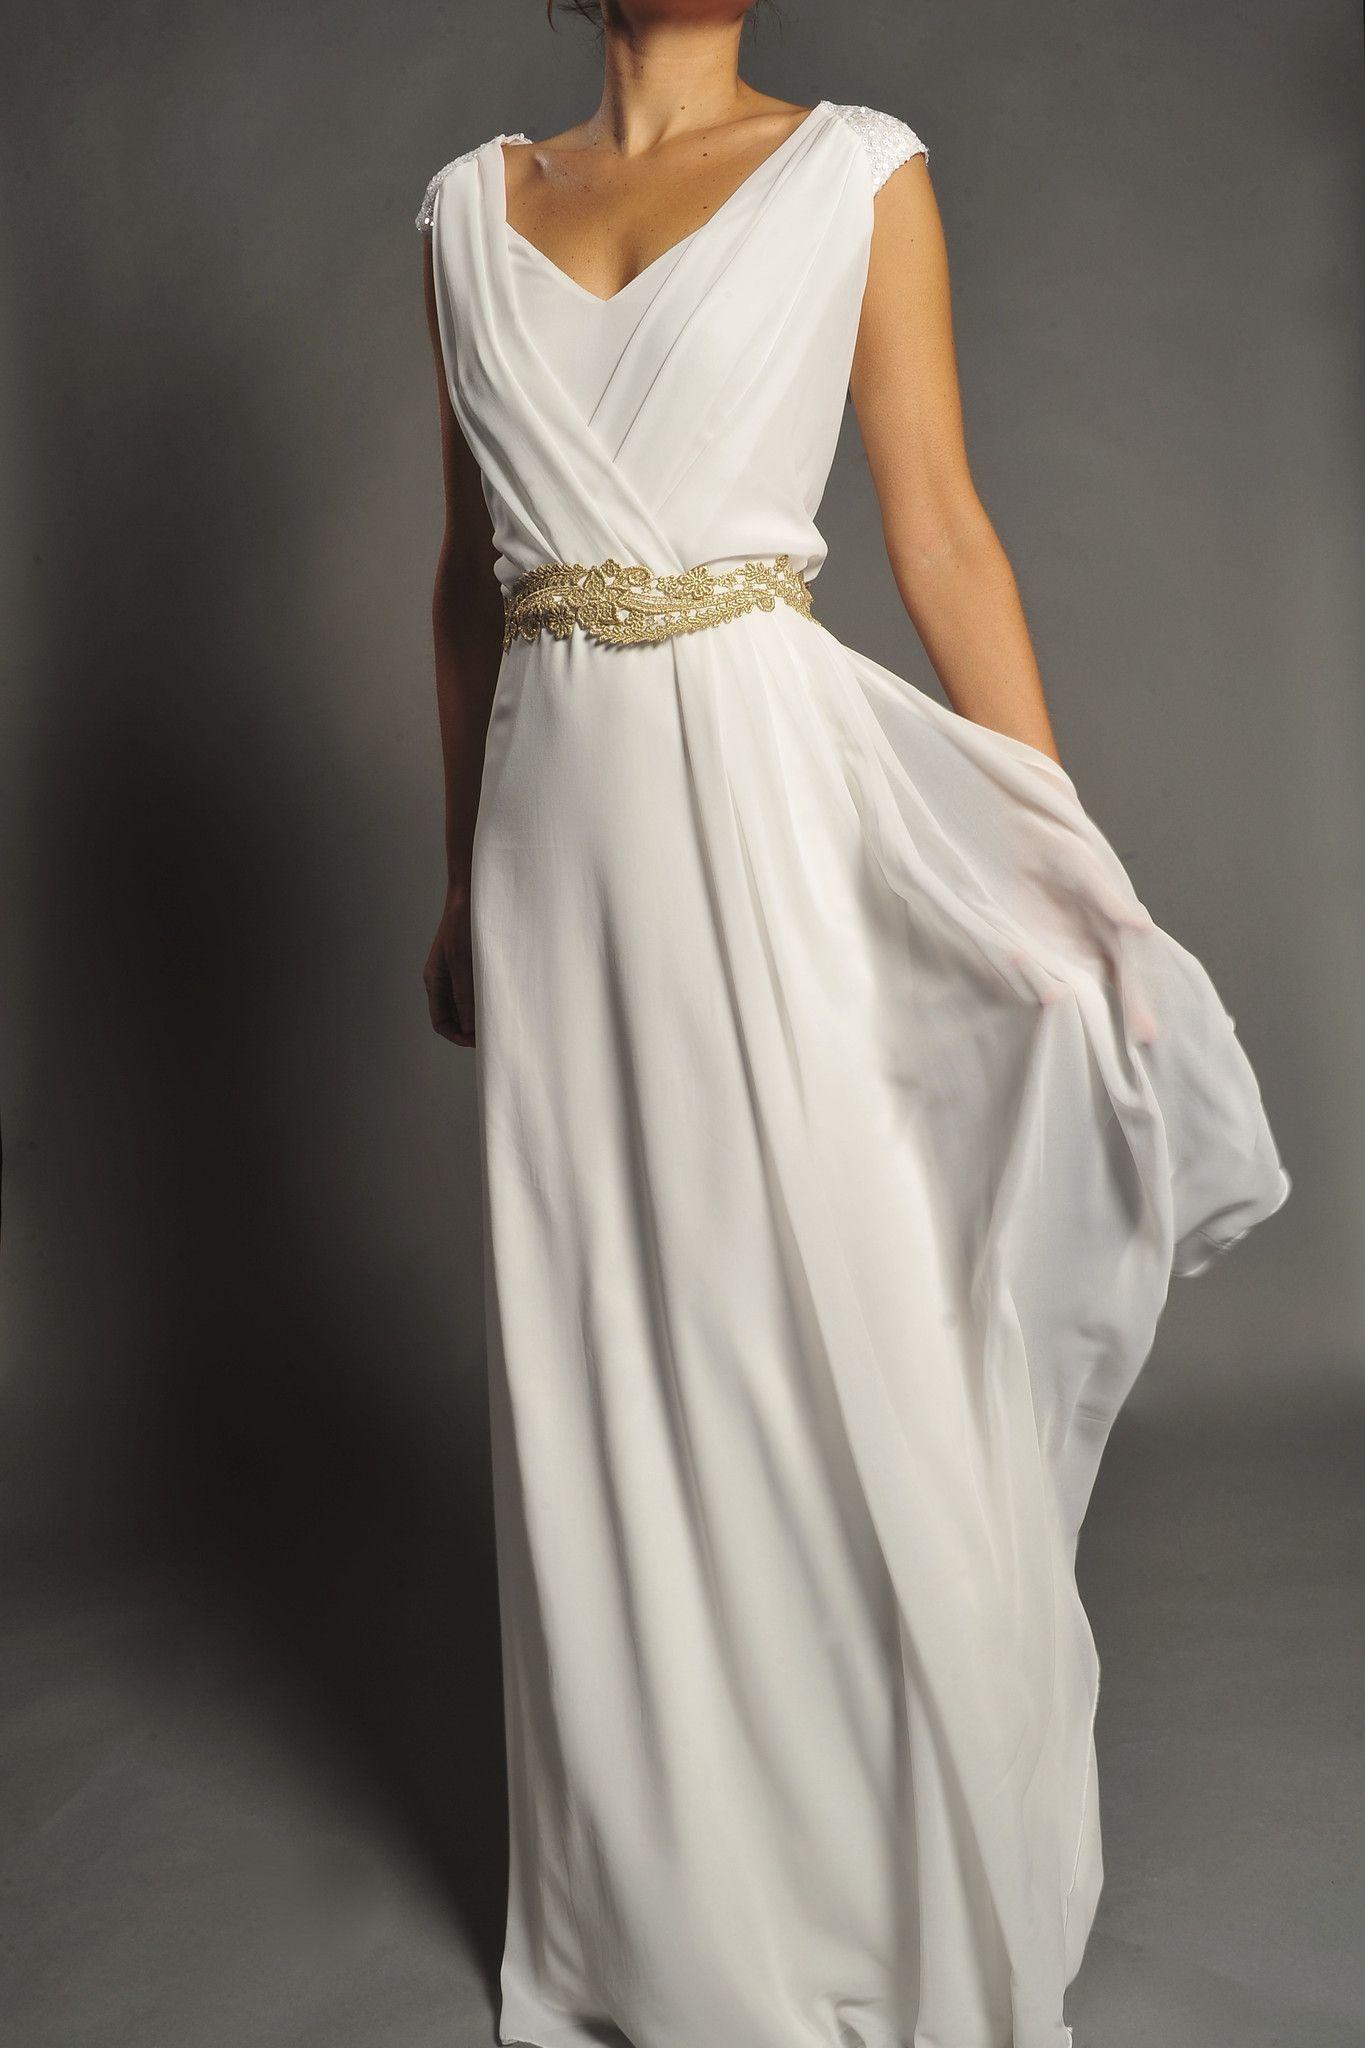 1b4a9be0e Vestido de novia estilo griego modelo 360 by Veneno en la piel ...